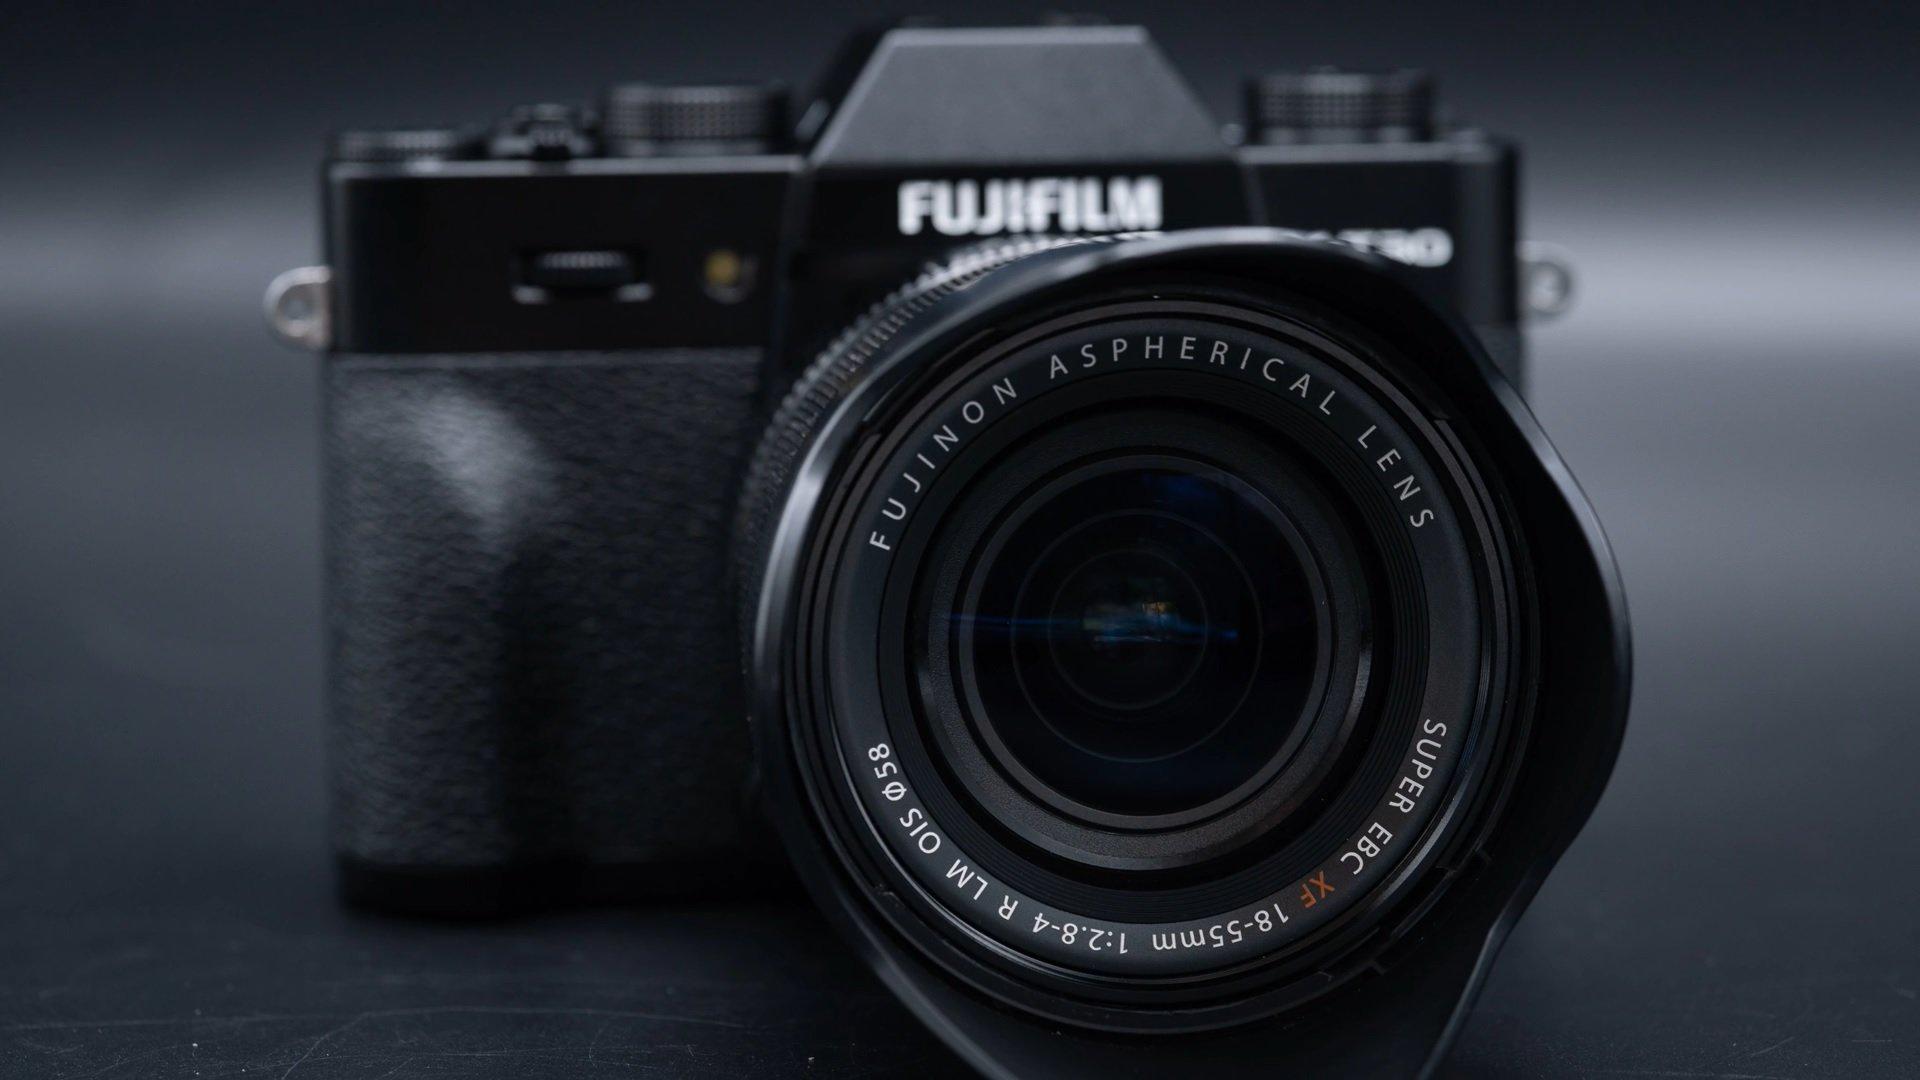 ống kính Fujinon XF 18-55mm F2.8-4 là lens phổ biến nhất hiện nay với thiết kế gọn nhẹ phù hợp với hầu hết các máy ảnh dòng X-Series.